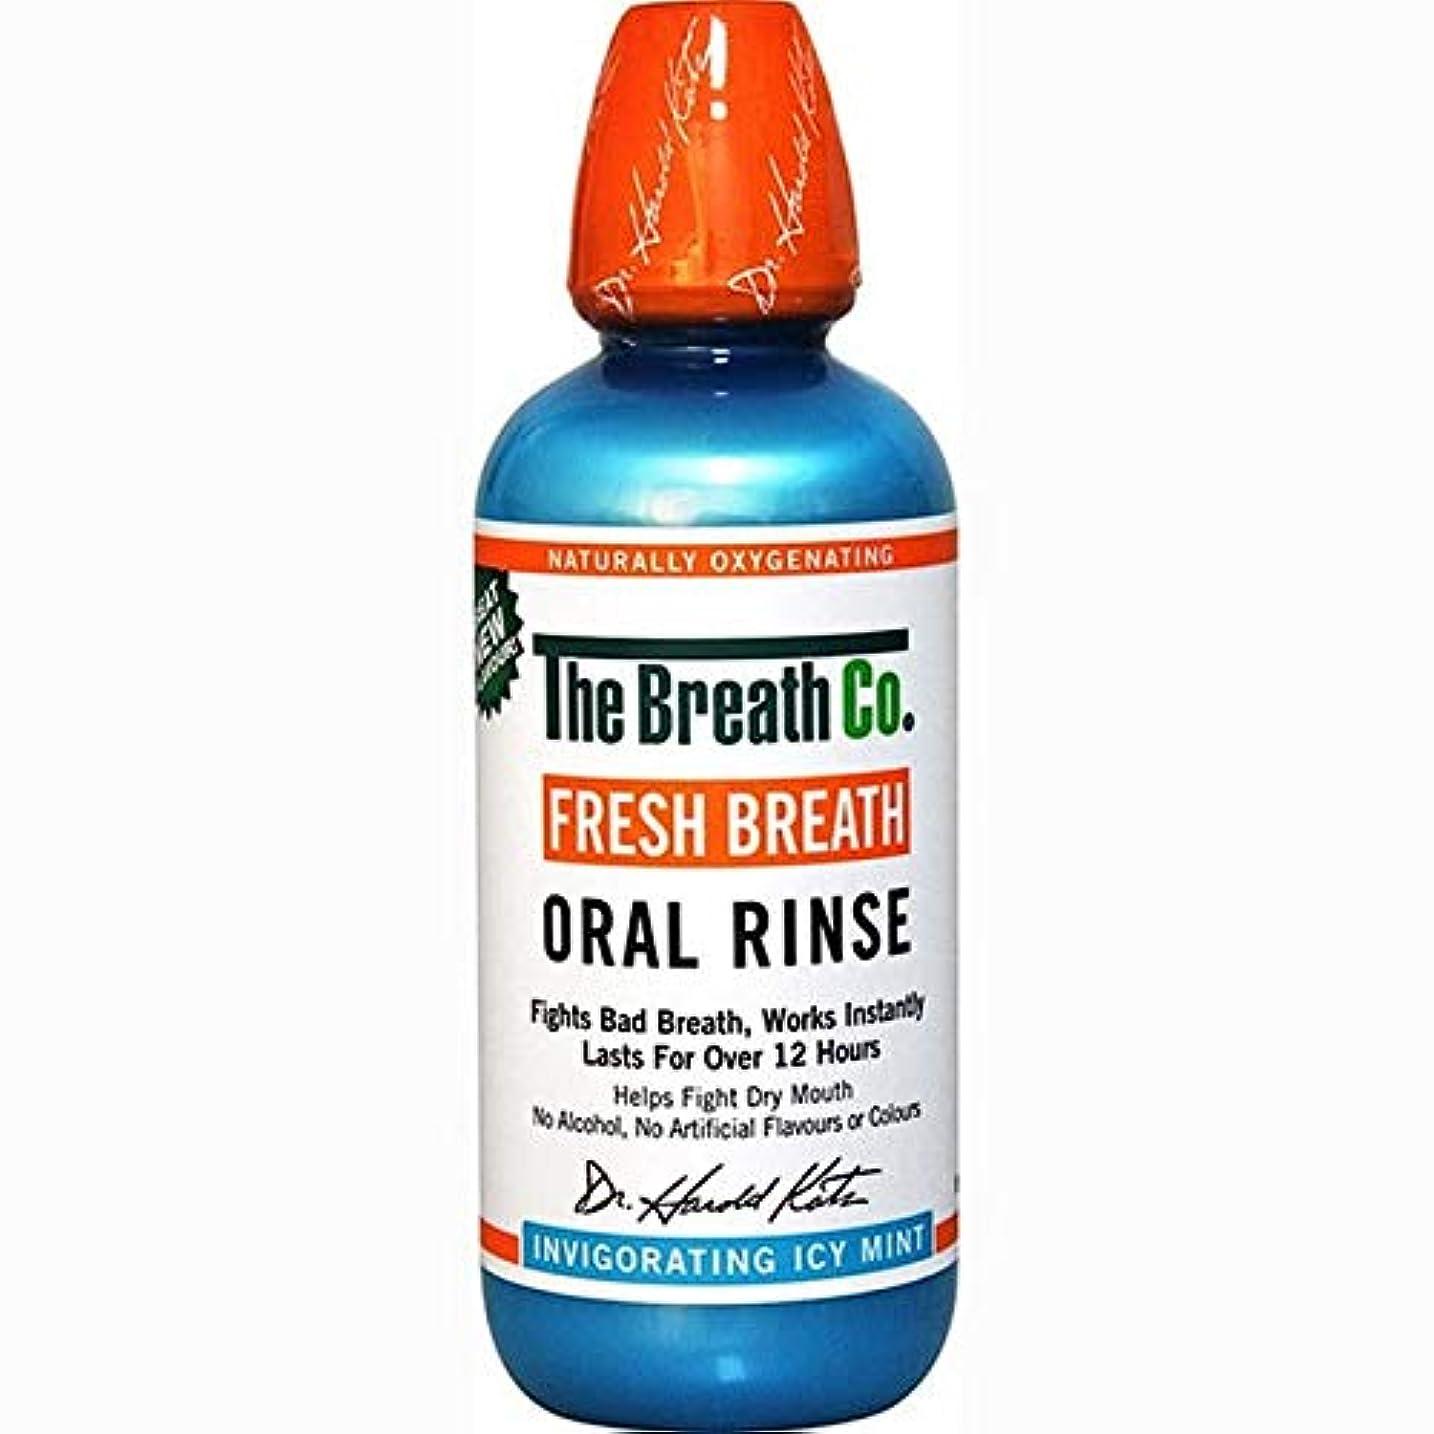 出口私達寄付する[The Breath Co] 息のCo新鮮な息口腔リンス氷のミント500ミリリットル - The Breath Co Fresh Breath Oral Rinse Icy Mint 500ml [並行輸入品]